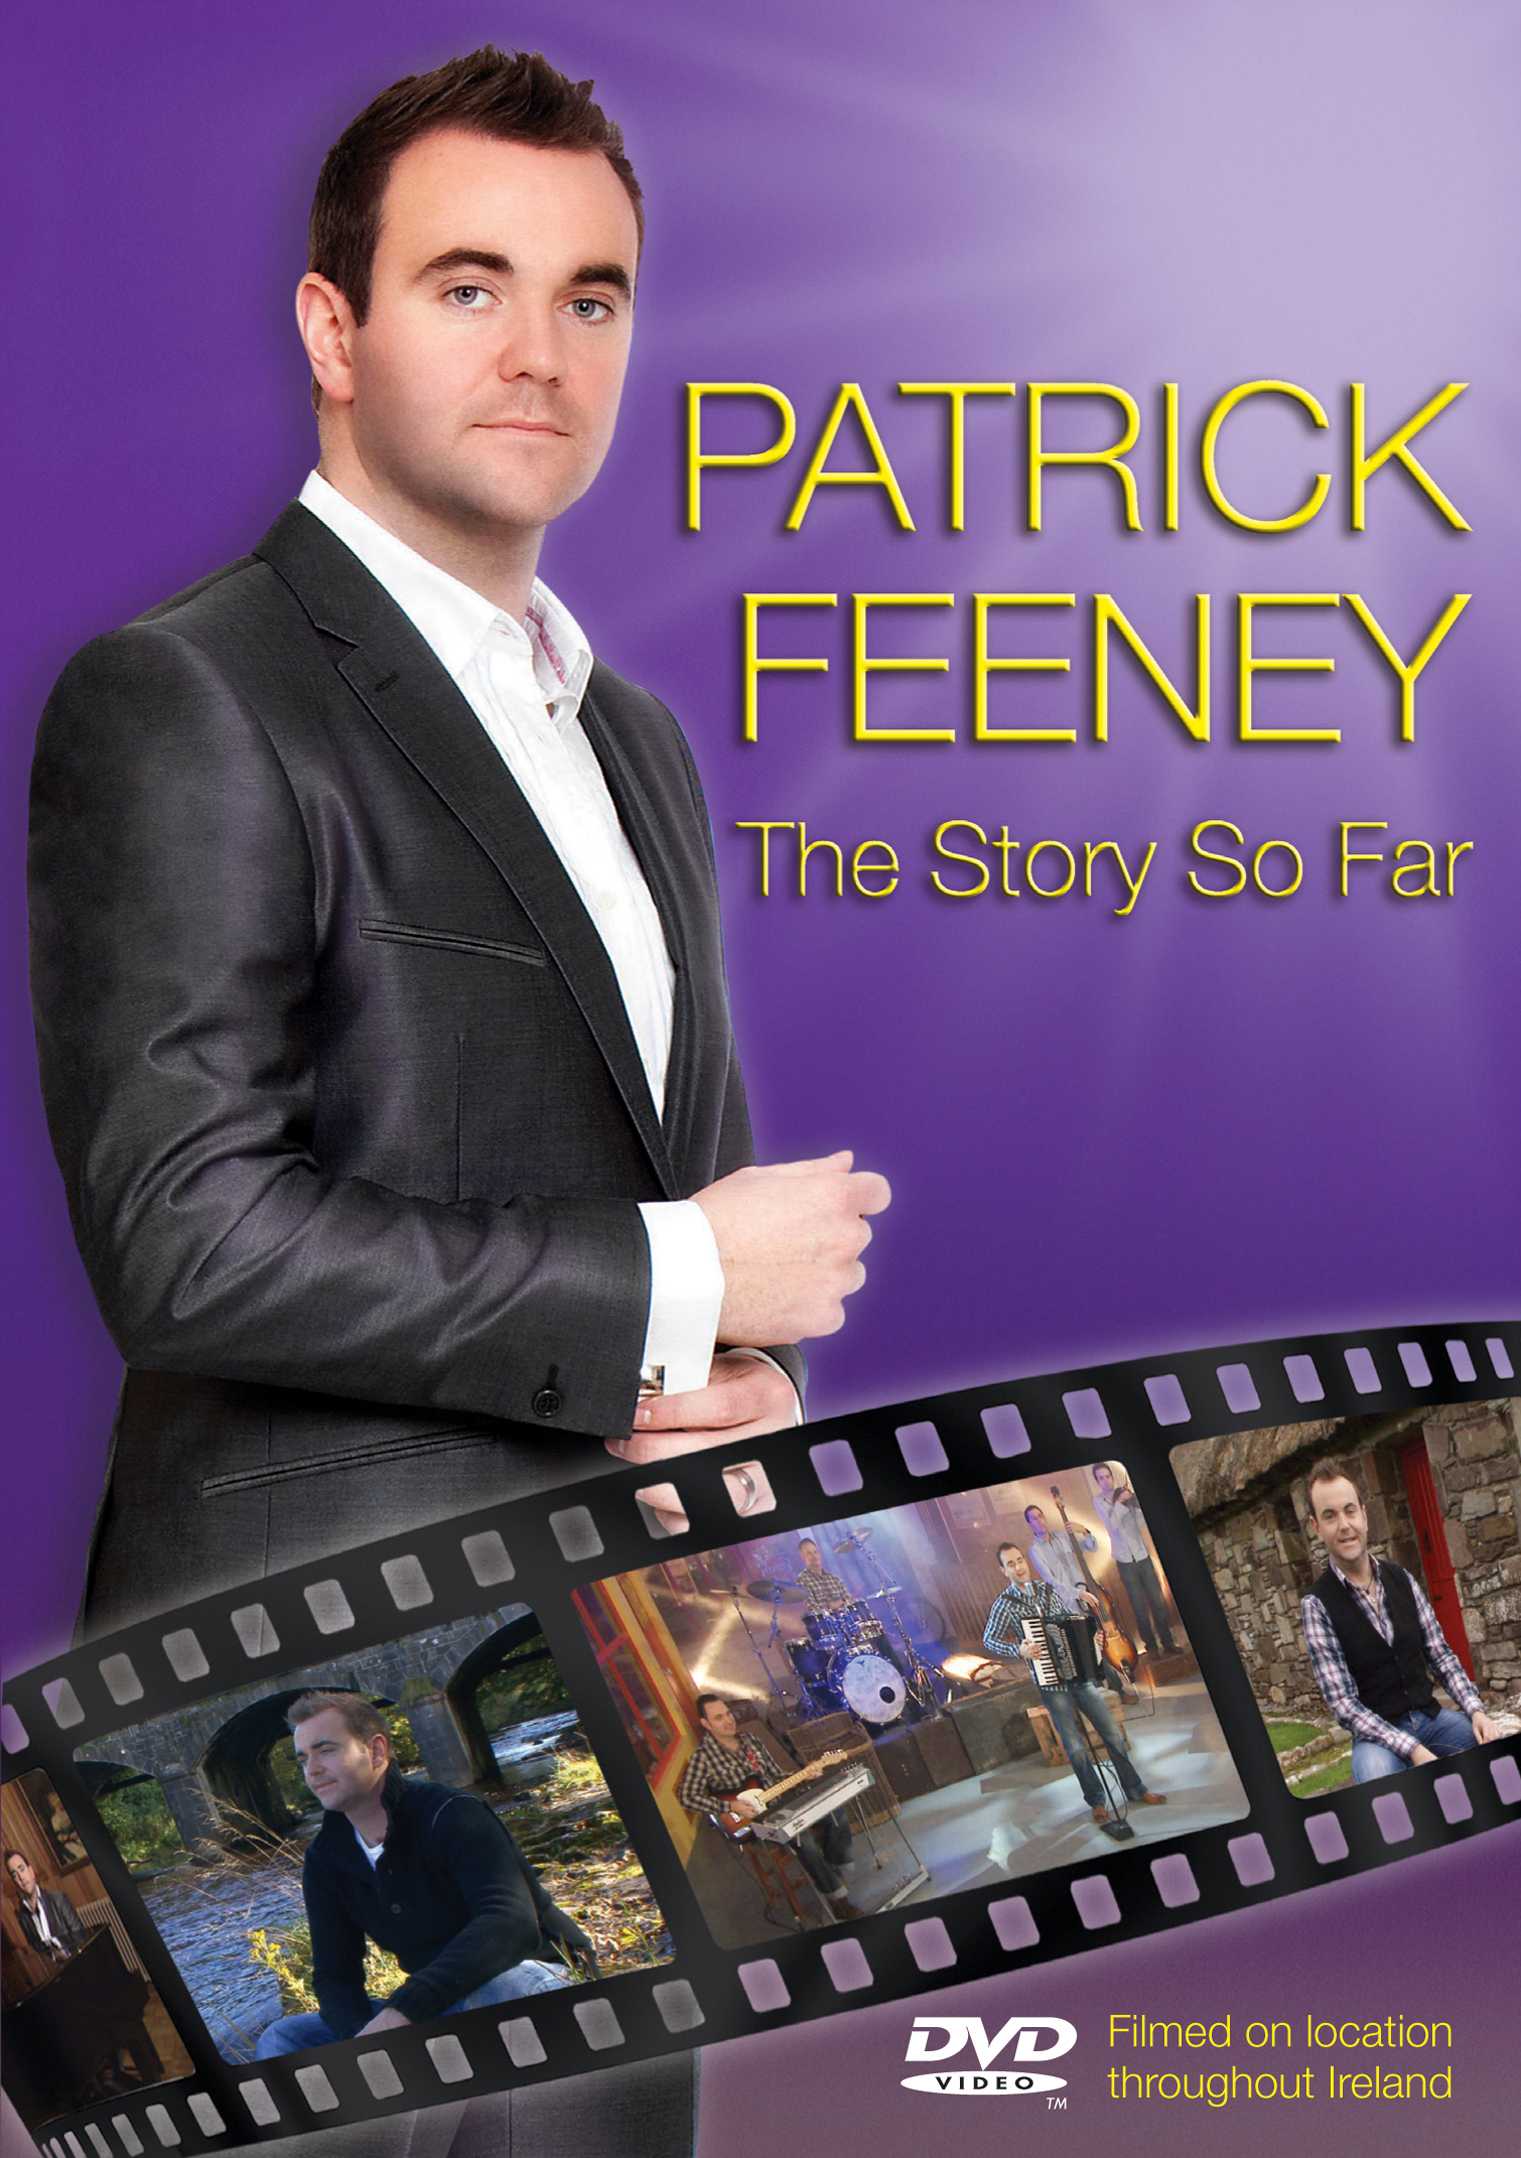 Patrick Feeney: The Story So Far